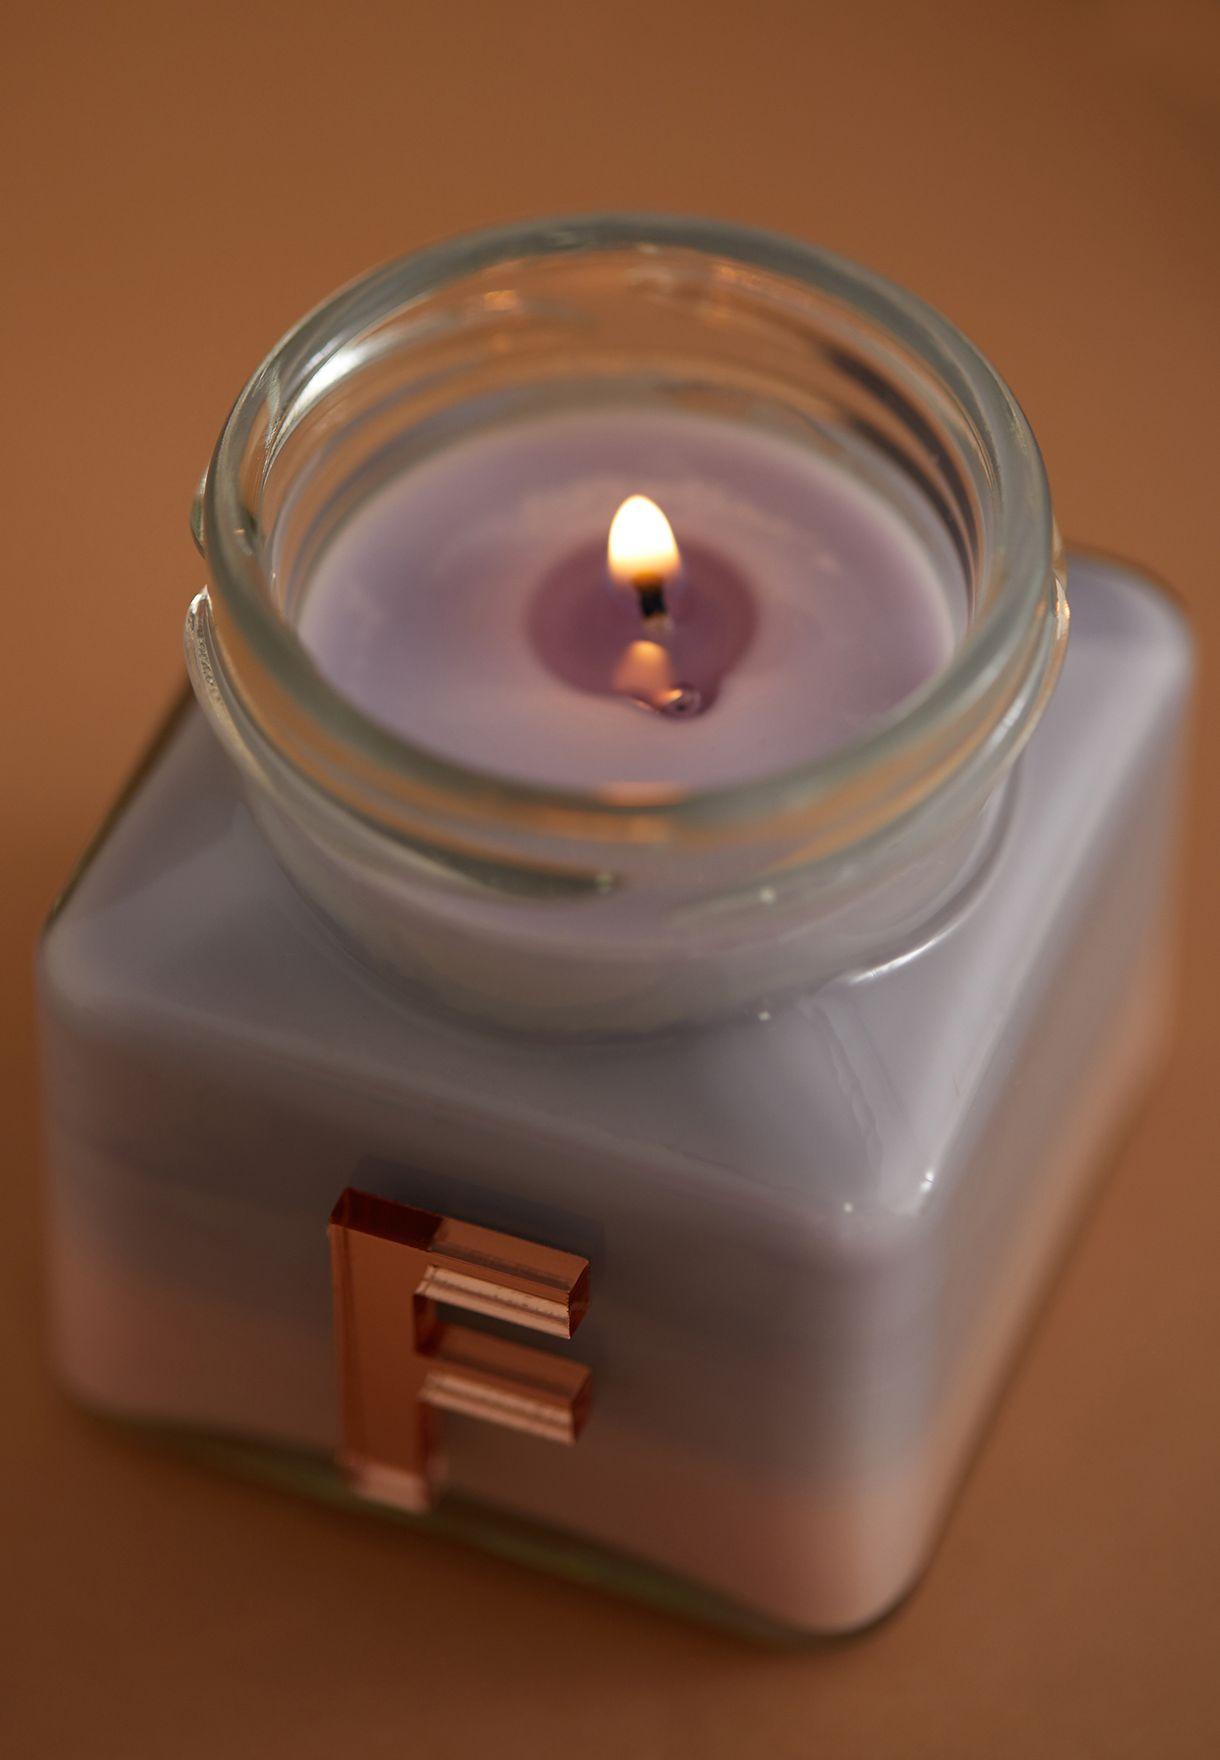 شمعة برائحة الفانيليا واليلانغ يلانغ ومزينة بحرف F